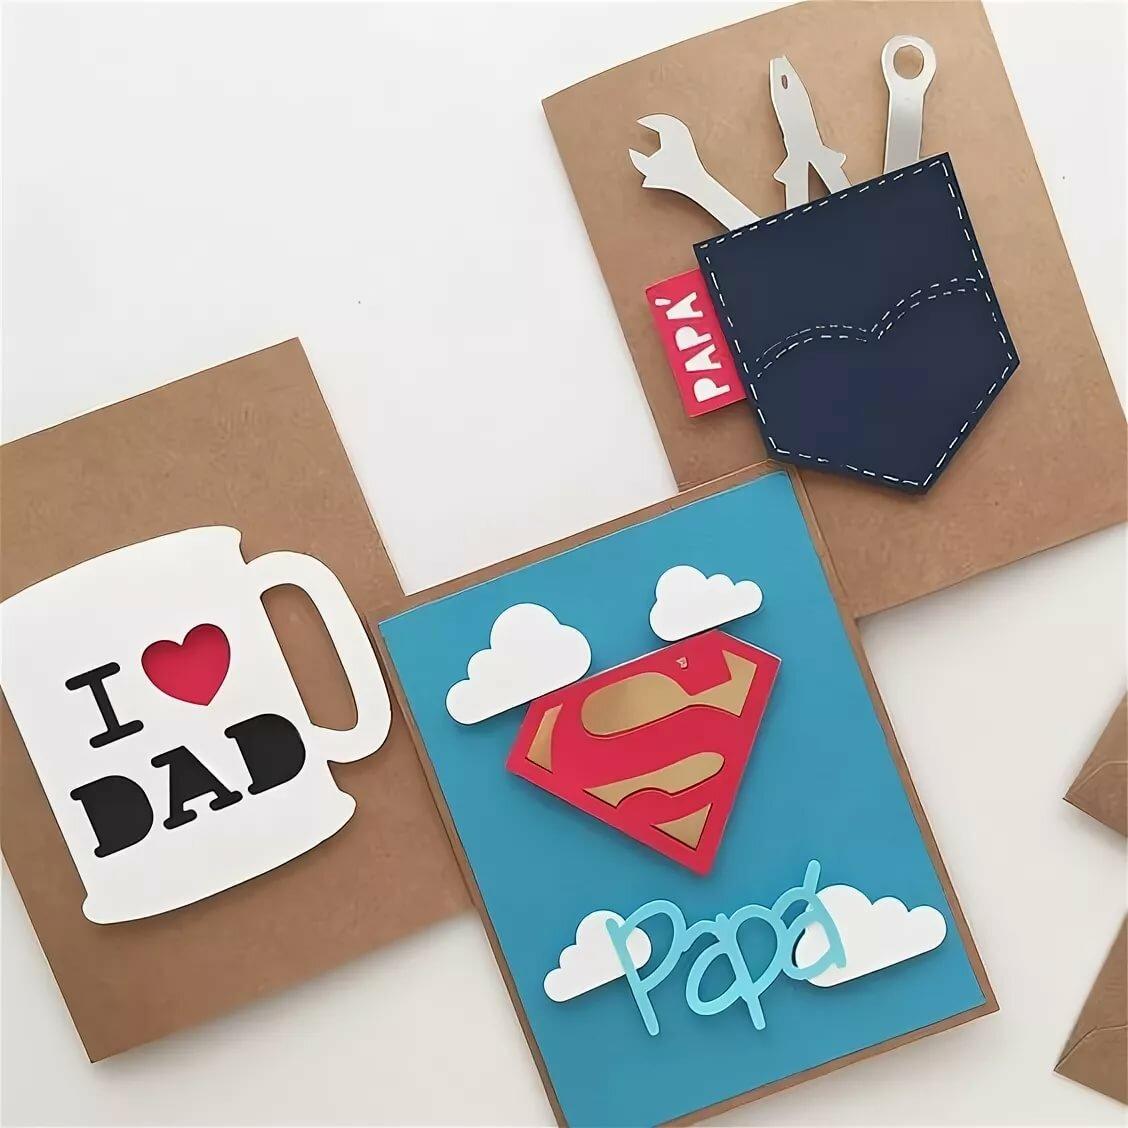 Днем рождения, как сделать открытку папе своими руками от дочки